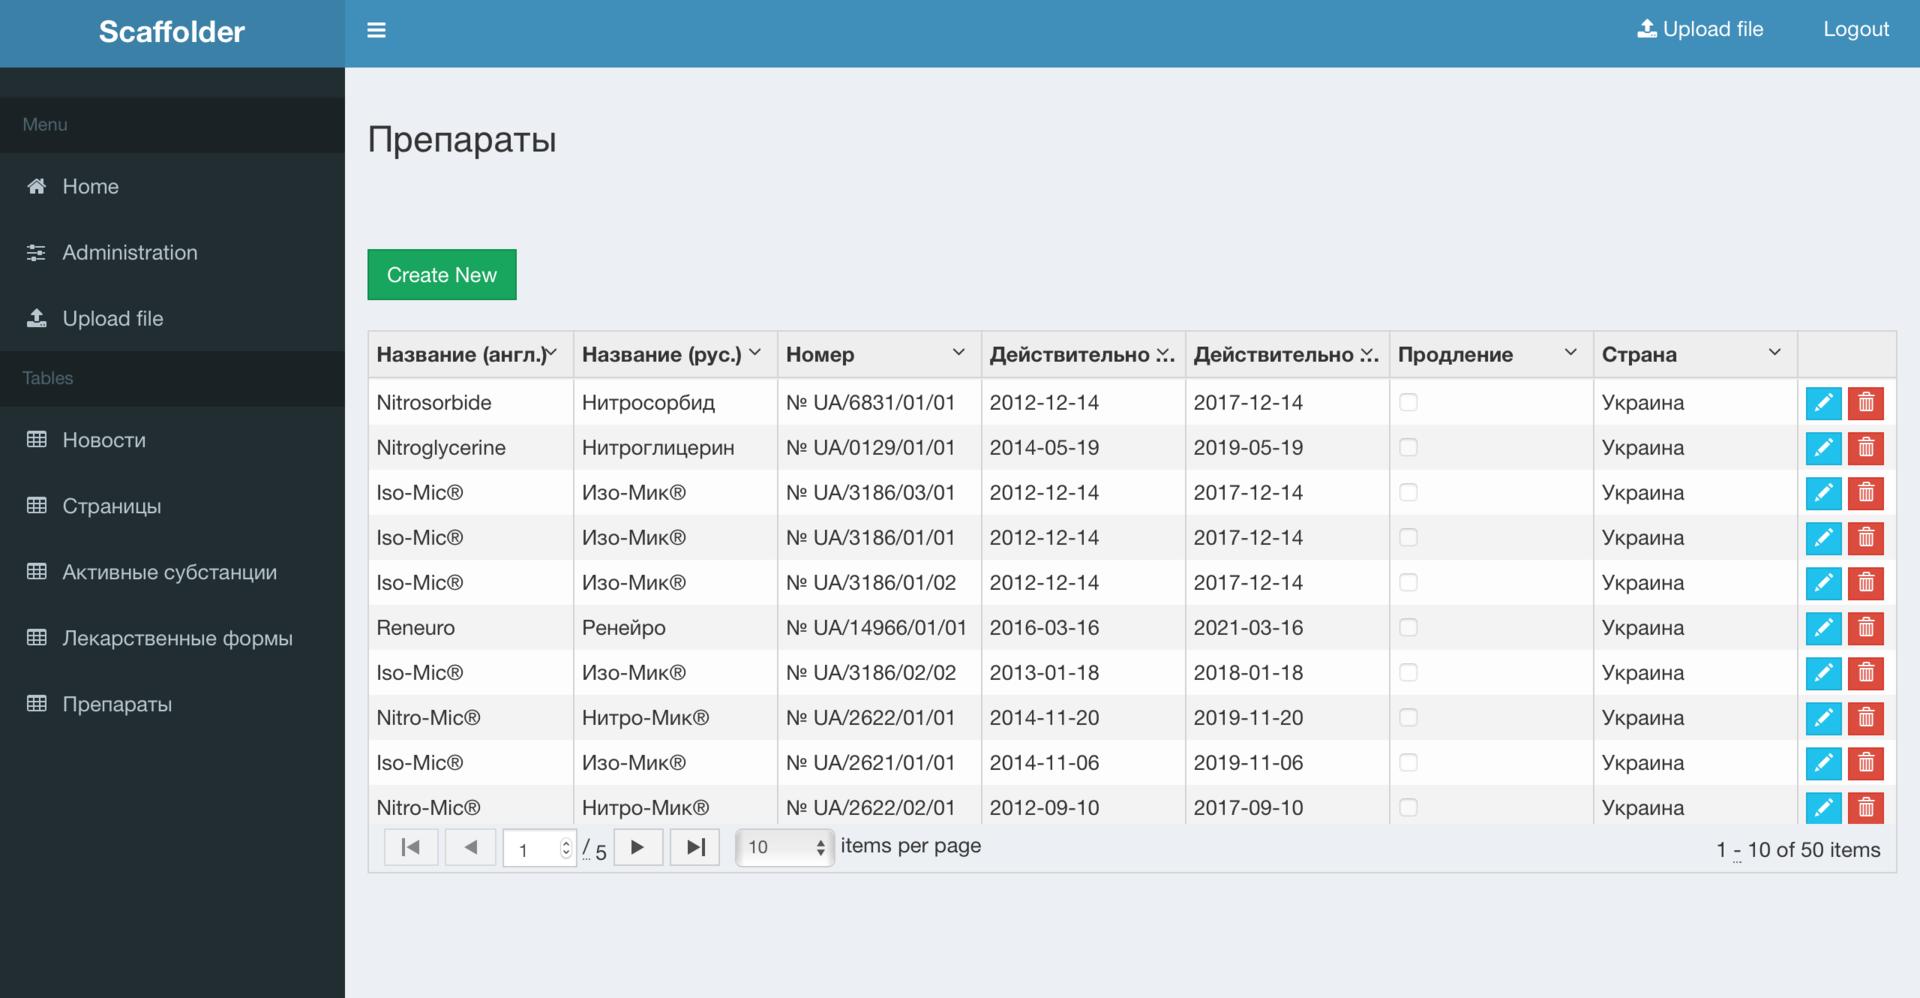 Универсальная система управления данными на базе технологий скаффолдинга и платформы .NET Core - 2